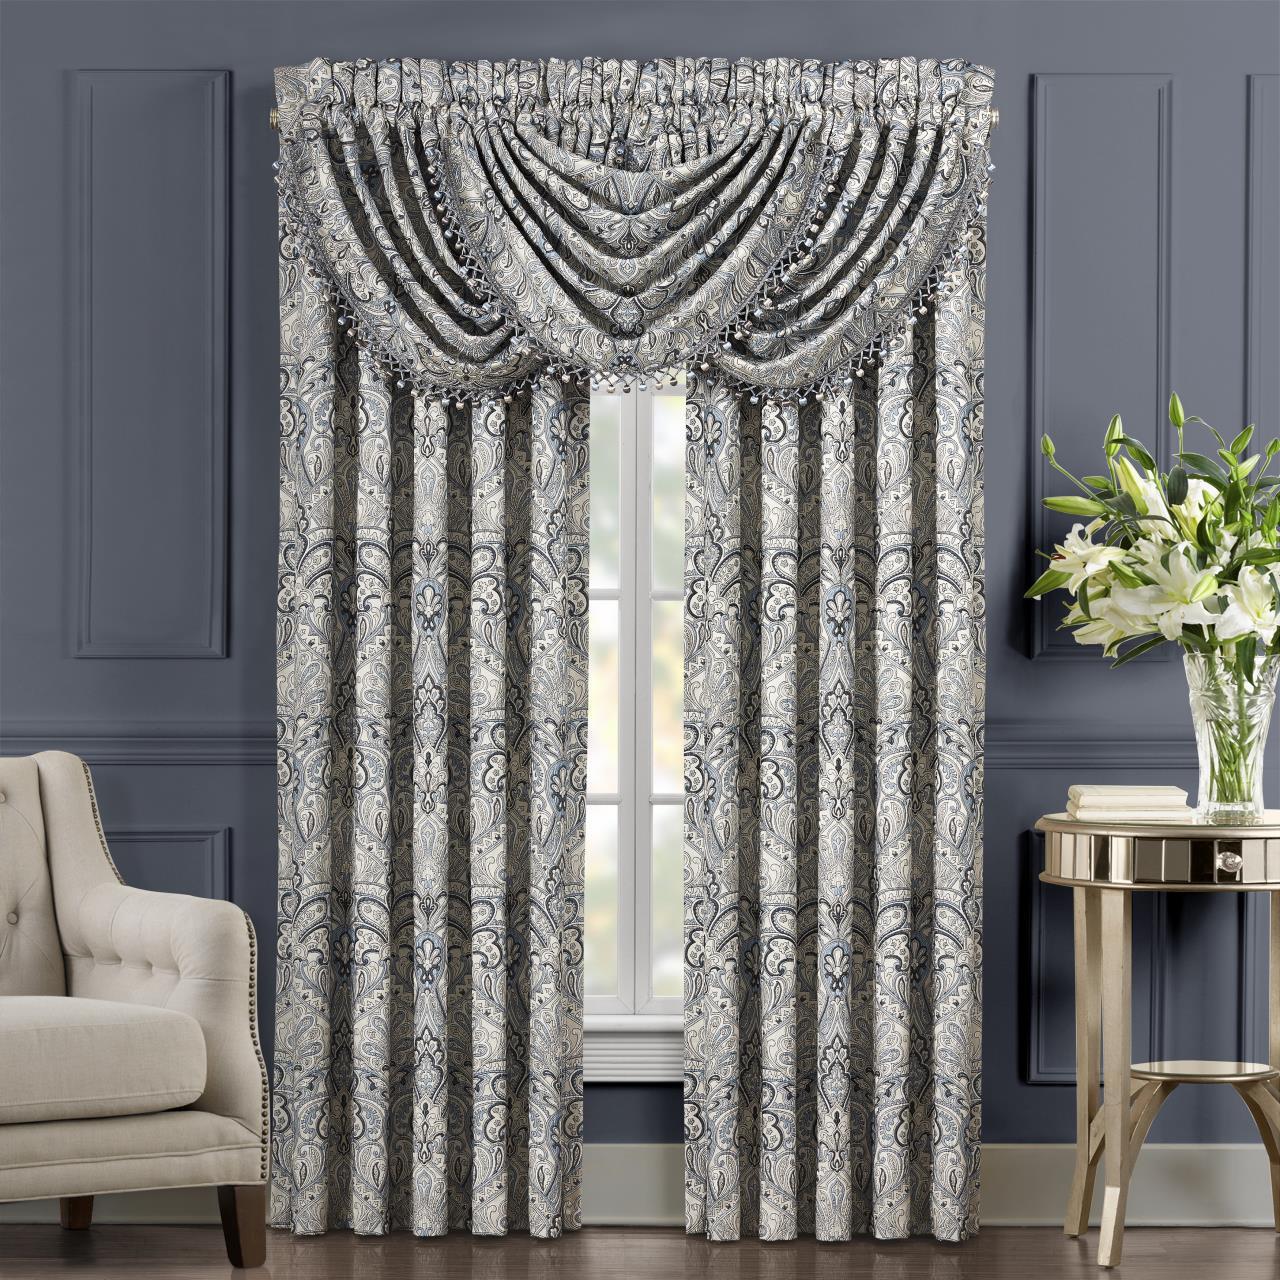 Alexis Powder Blue Curtain Pair - 193842108604